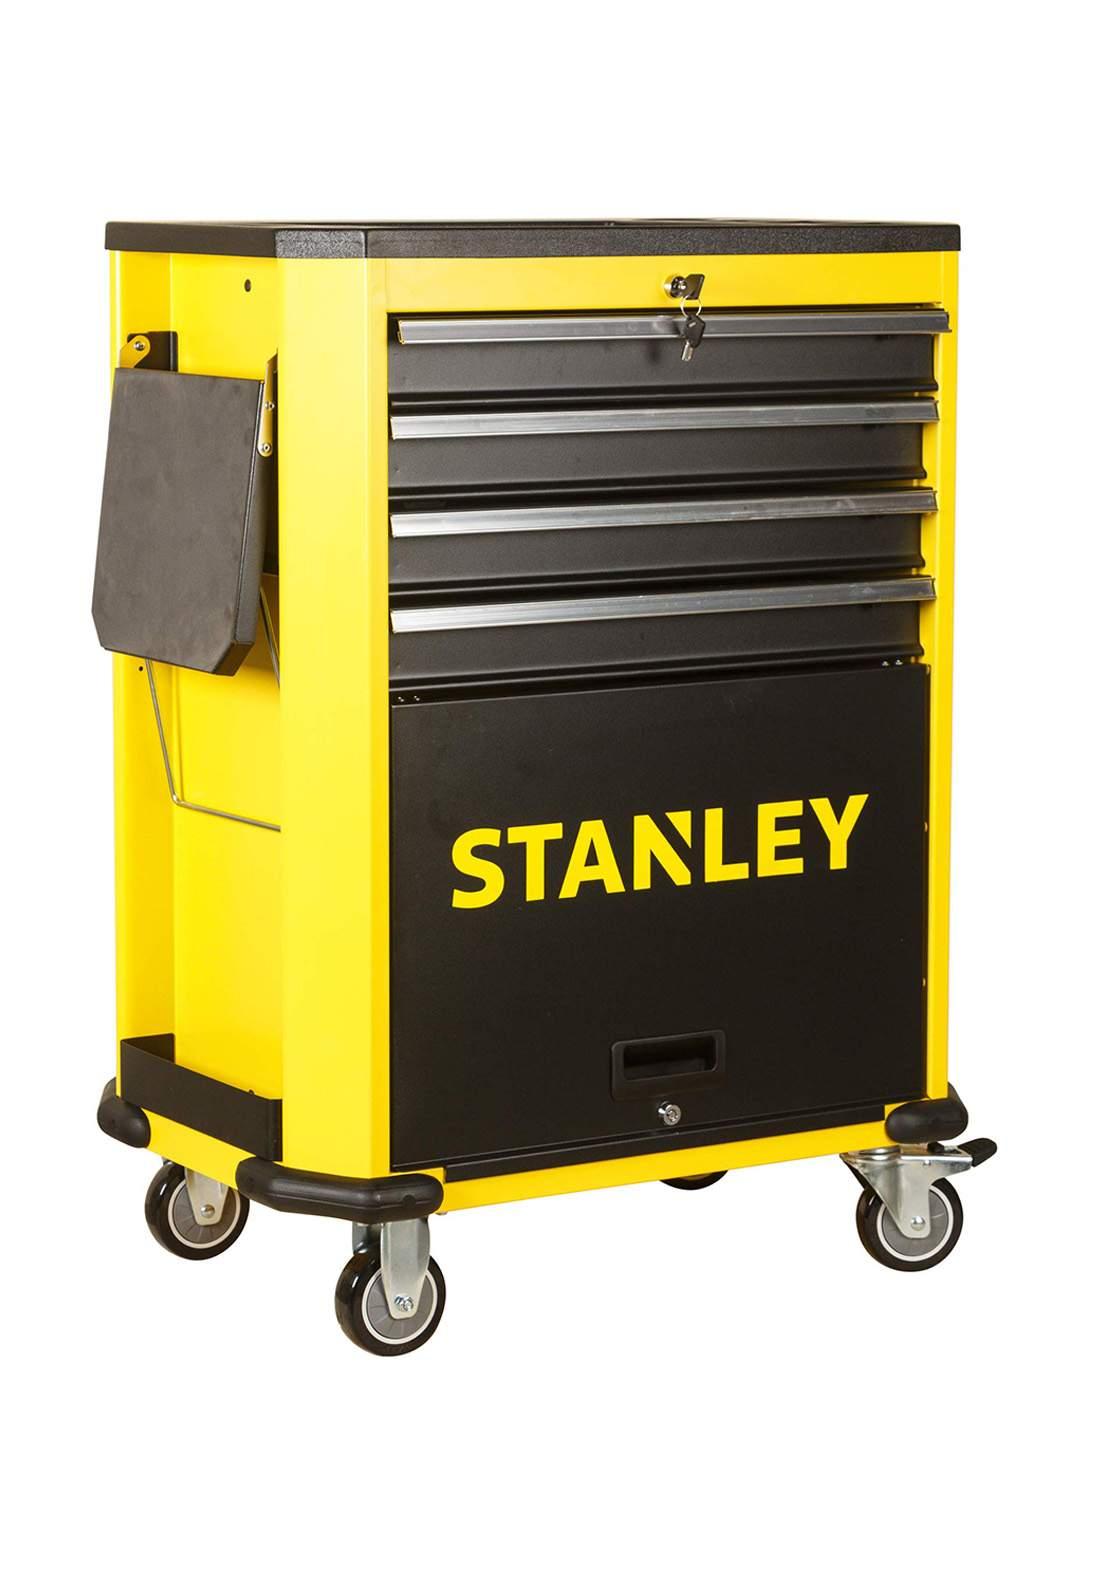 Stanley STMT99069-8 4 Drawers Cabinet خزانة تنظيم العدد